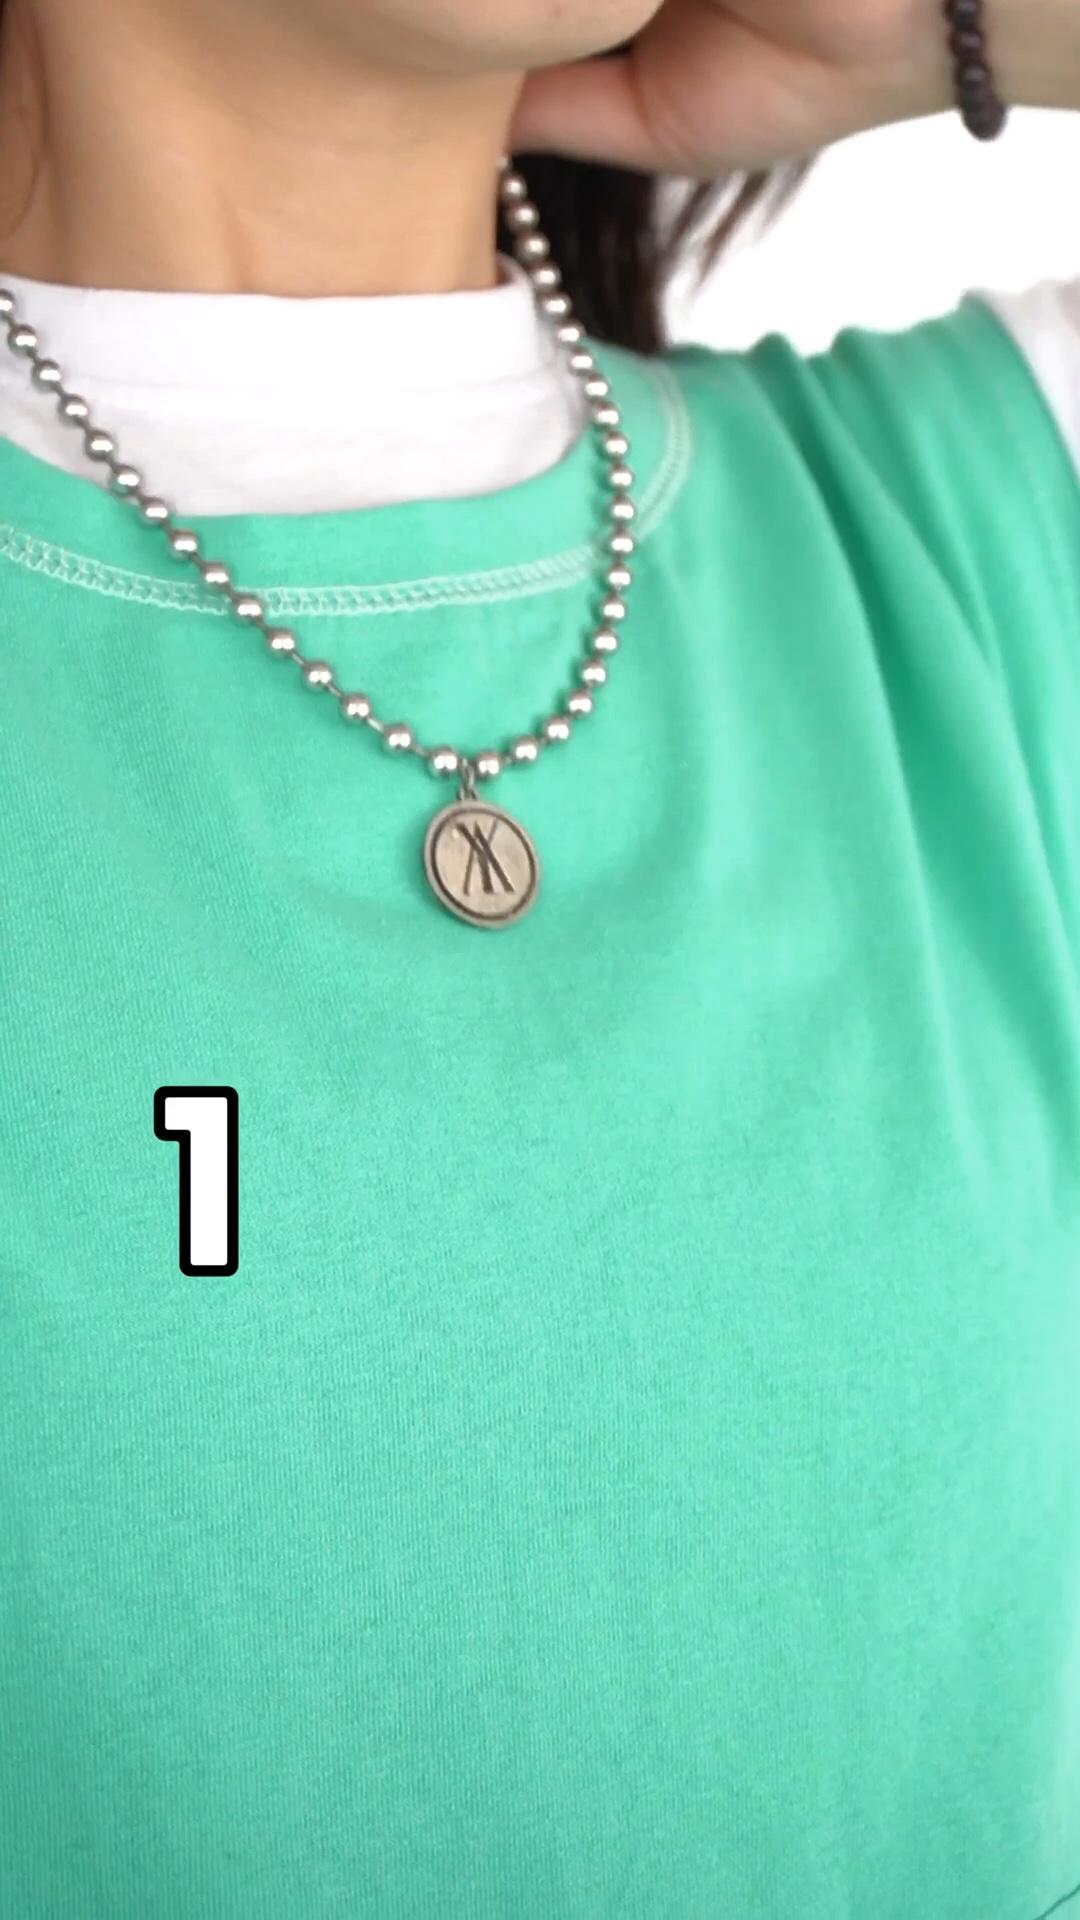 梨C日常穿搭 懒人穿搭又来啦~ 绿色三件套 超好穿的三件套套装 版型设计宽松不挑人穿 绿色适合夏天穿 简约时尚宽松的马甲 无敌宽松 重点是能遮肚子上的肉肉 出去吃再多也不怕哈哈哈  里面可搭配一件T恤 非常惬意 配合无袖宽宽的袖笼 整体很有型~ 下面搭配的是宽松五分裤 松紧腰穿着很舒服哦 上身显腿长还显瘦! 简约又不失造型感的一个套装 随性利落的慵懒调调~ #网红款懒人套装,疯狂种草!#